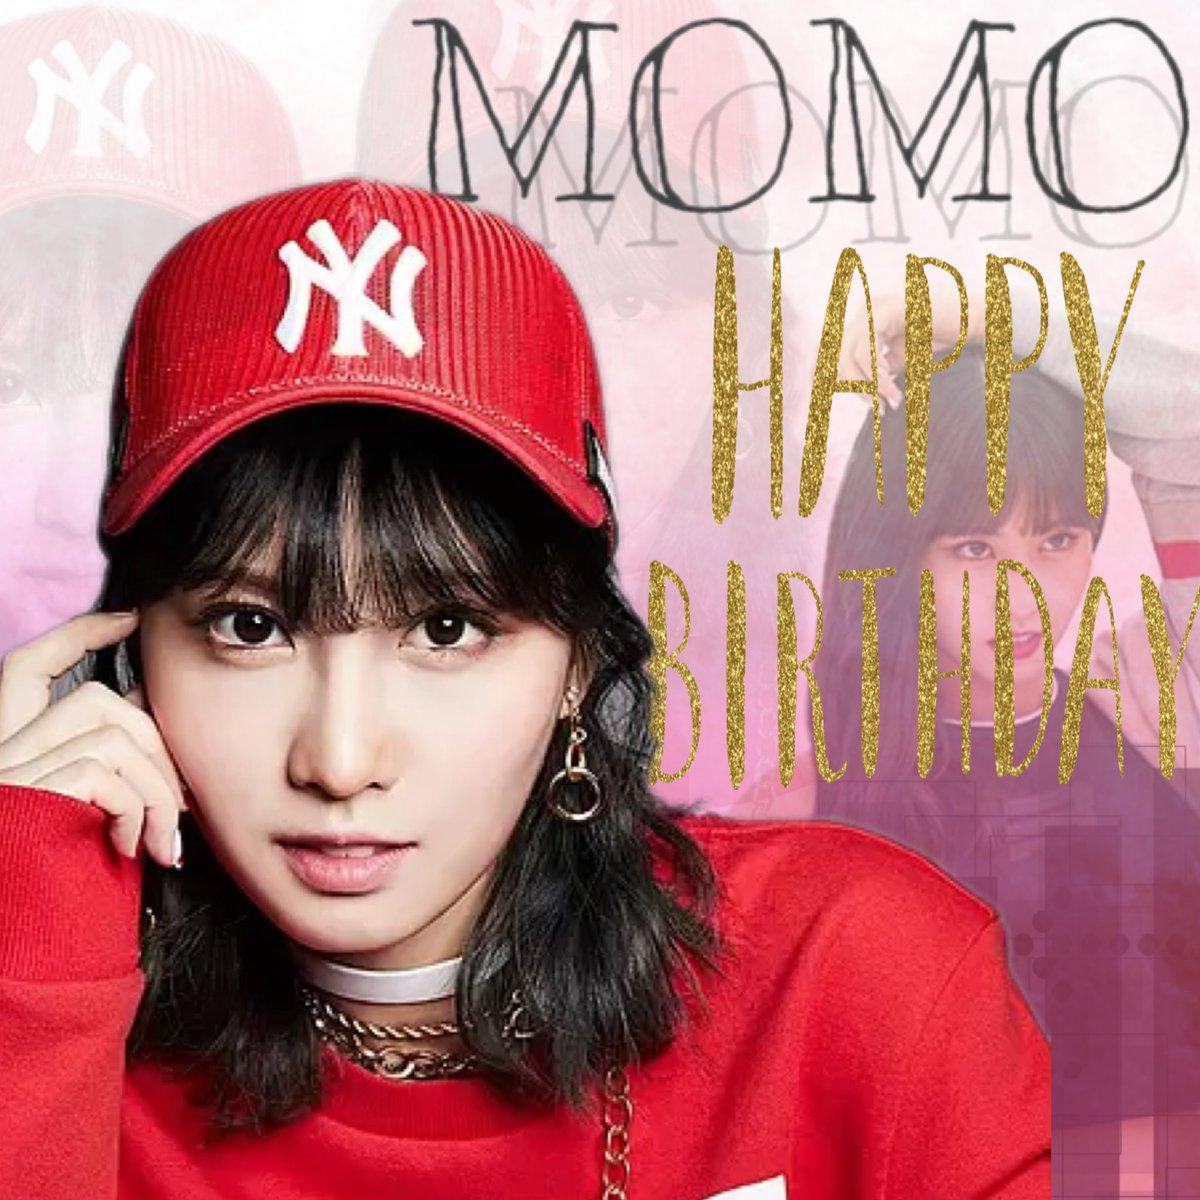 11月9日はモモちゃんの誕生日〜🎉🎉 おめでとうございます〜🎊 ダンスがめちゃ上手くて、大食いなモモちゃんが大好きだー!!! これからもTWICEで頑張って下さい😊 ・ ・ ・ #モモセンイル  #いいねしたONCEさんフォロー